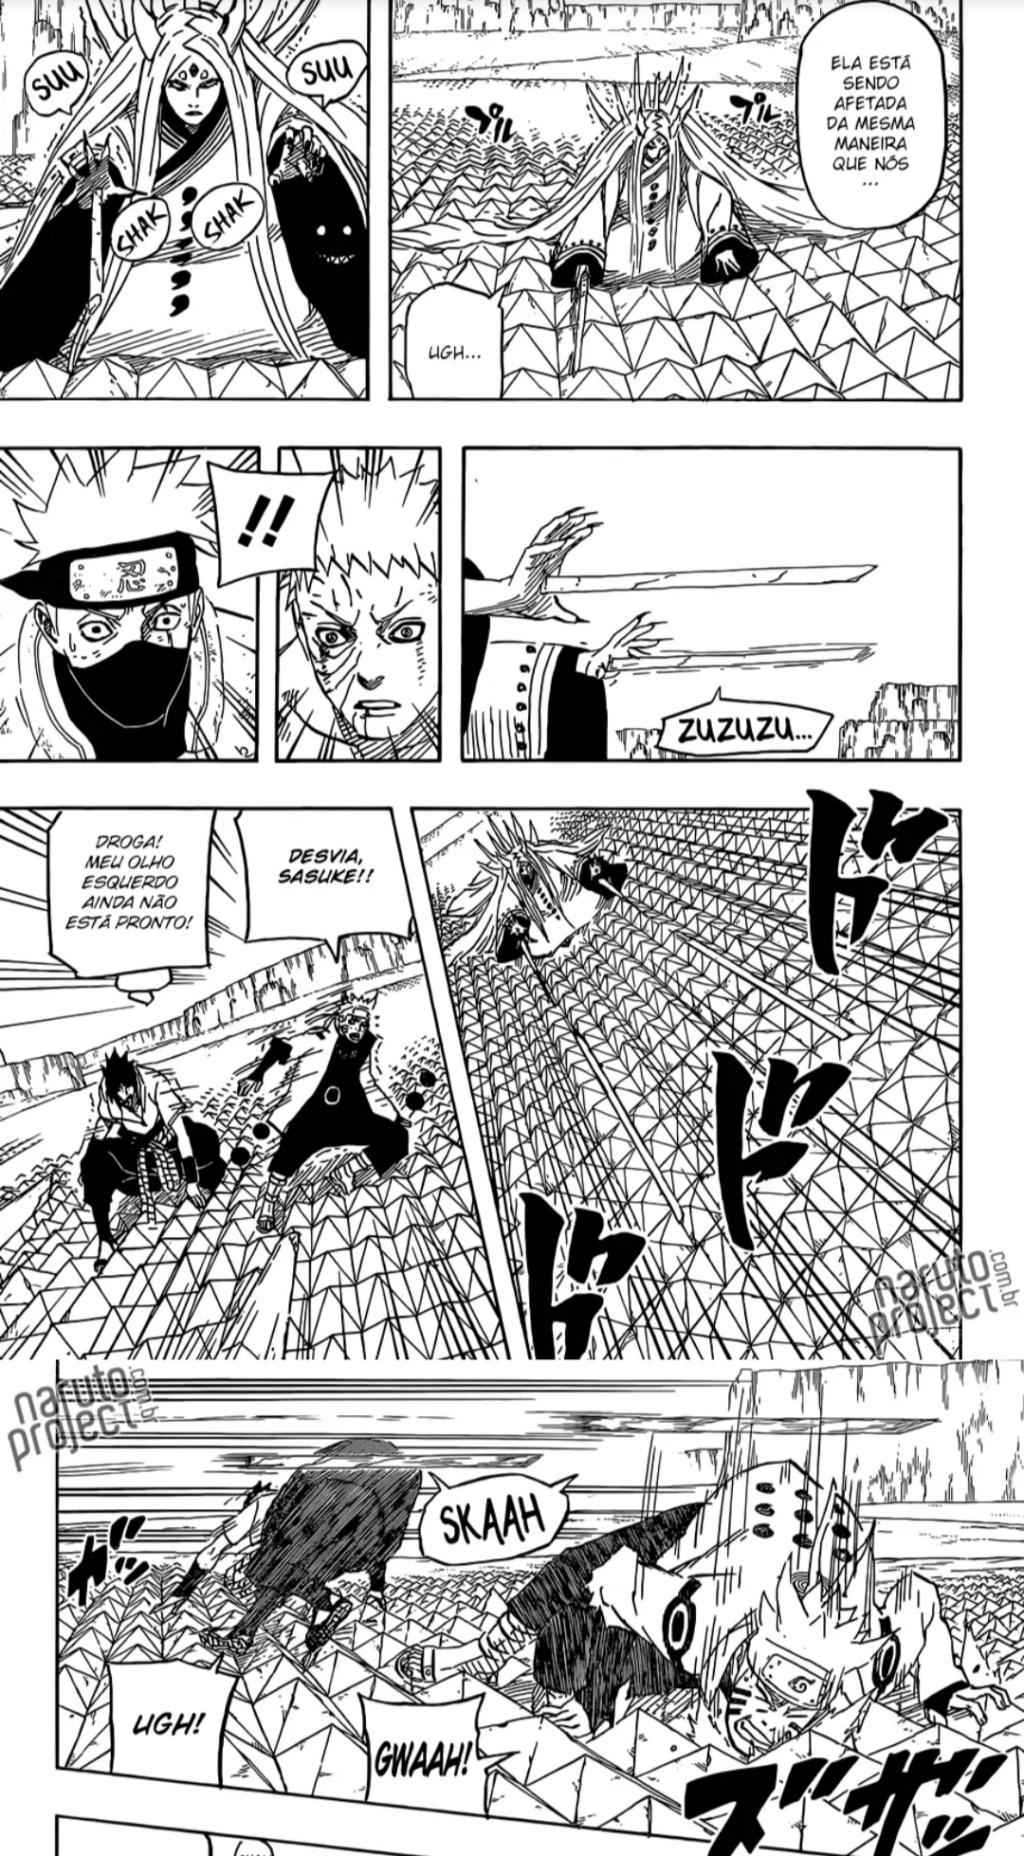 Quem no universo de Naruto seria capaz de derrotar Tatsumaki? - Página 4 Img_2067